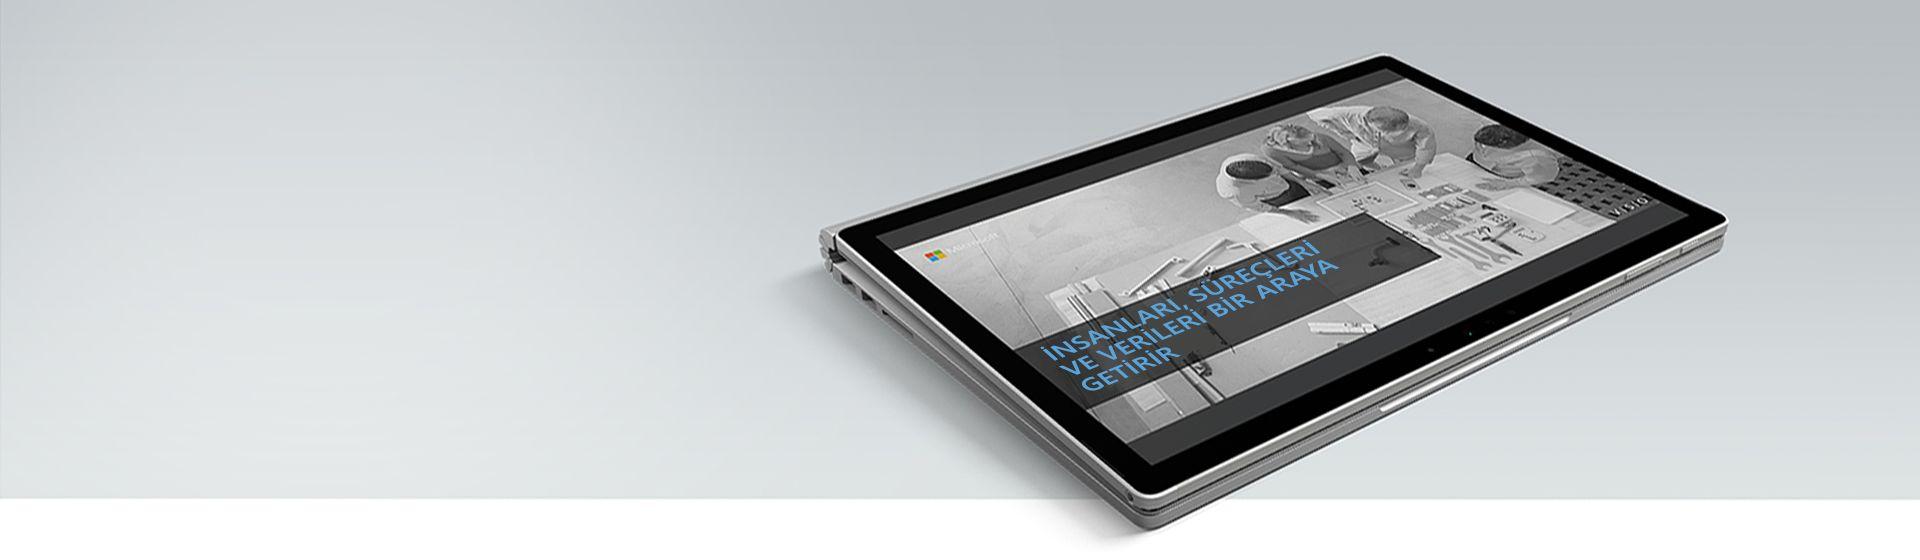 'Kişileri, Süreçleri ve Verileri Bir Araya Getirin' ifadesini gösteren bilgisayar ekranı